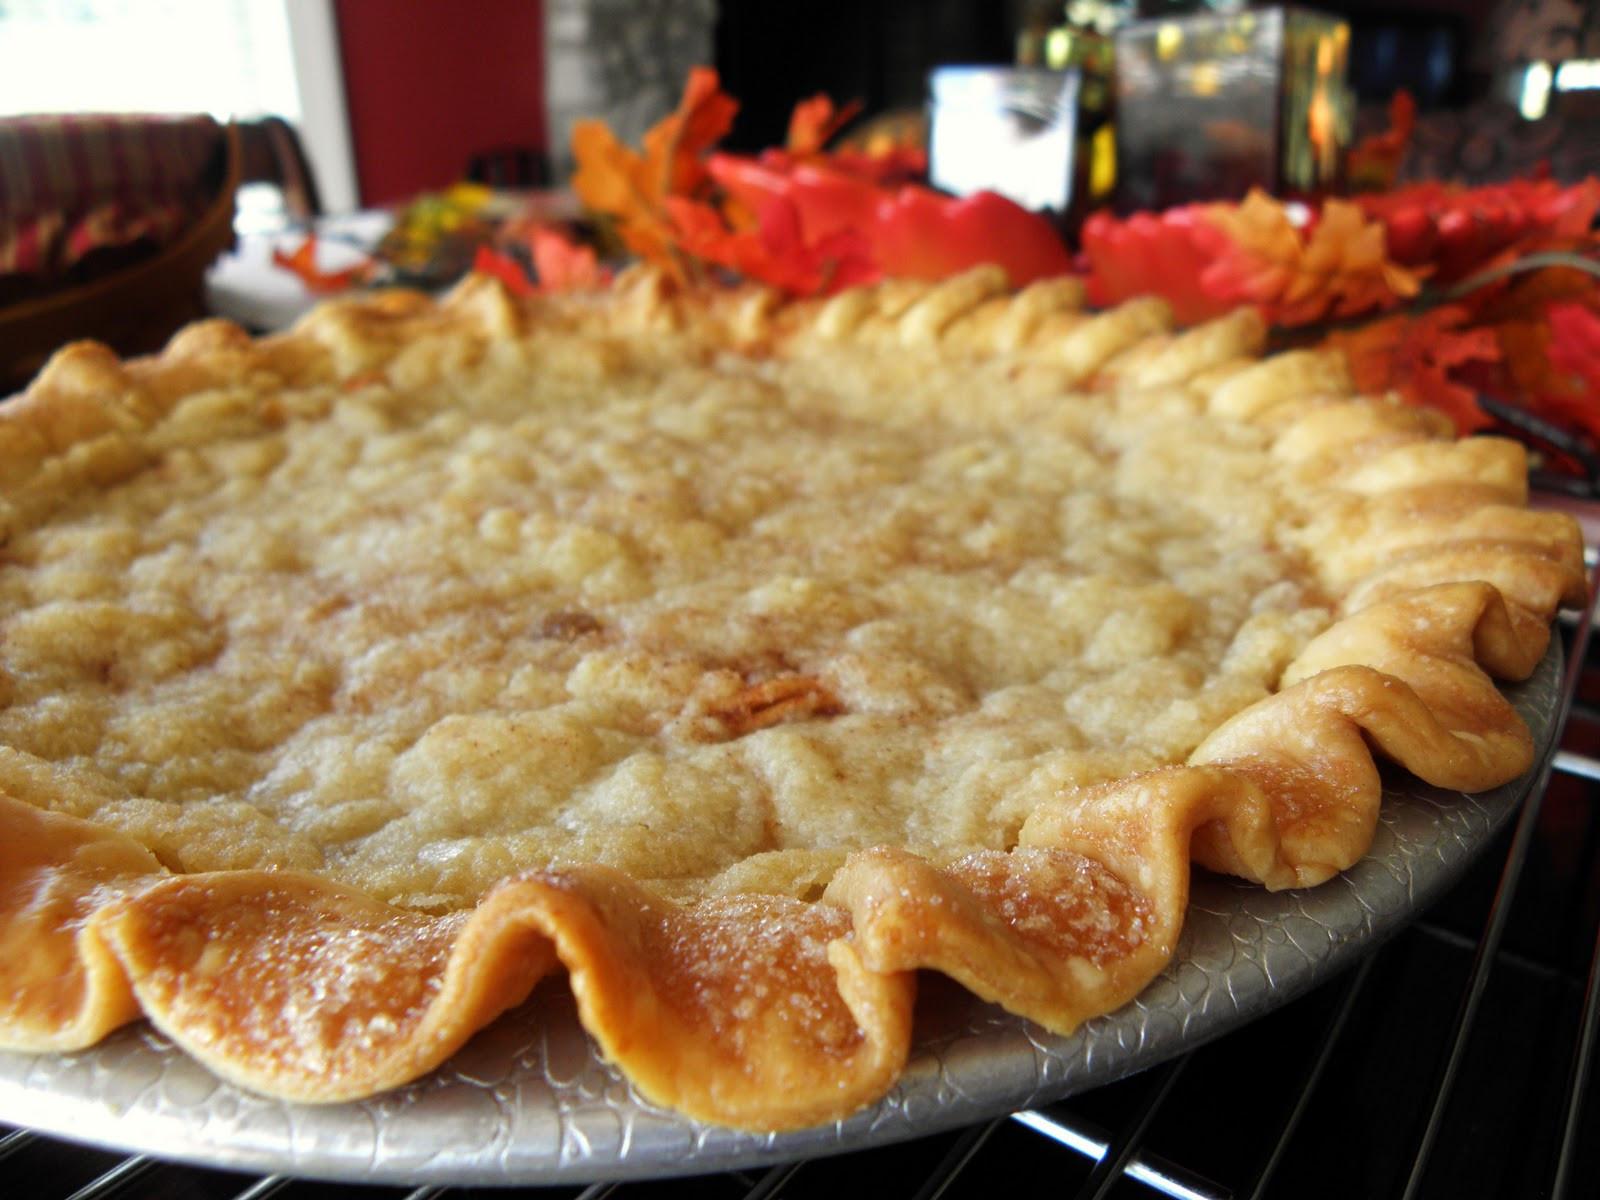 Best Apple Pie Apples  The Cozy Little Kitchen Nana s Best Loved Apple Pie